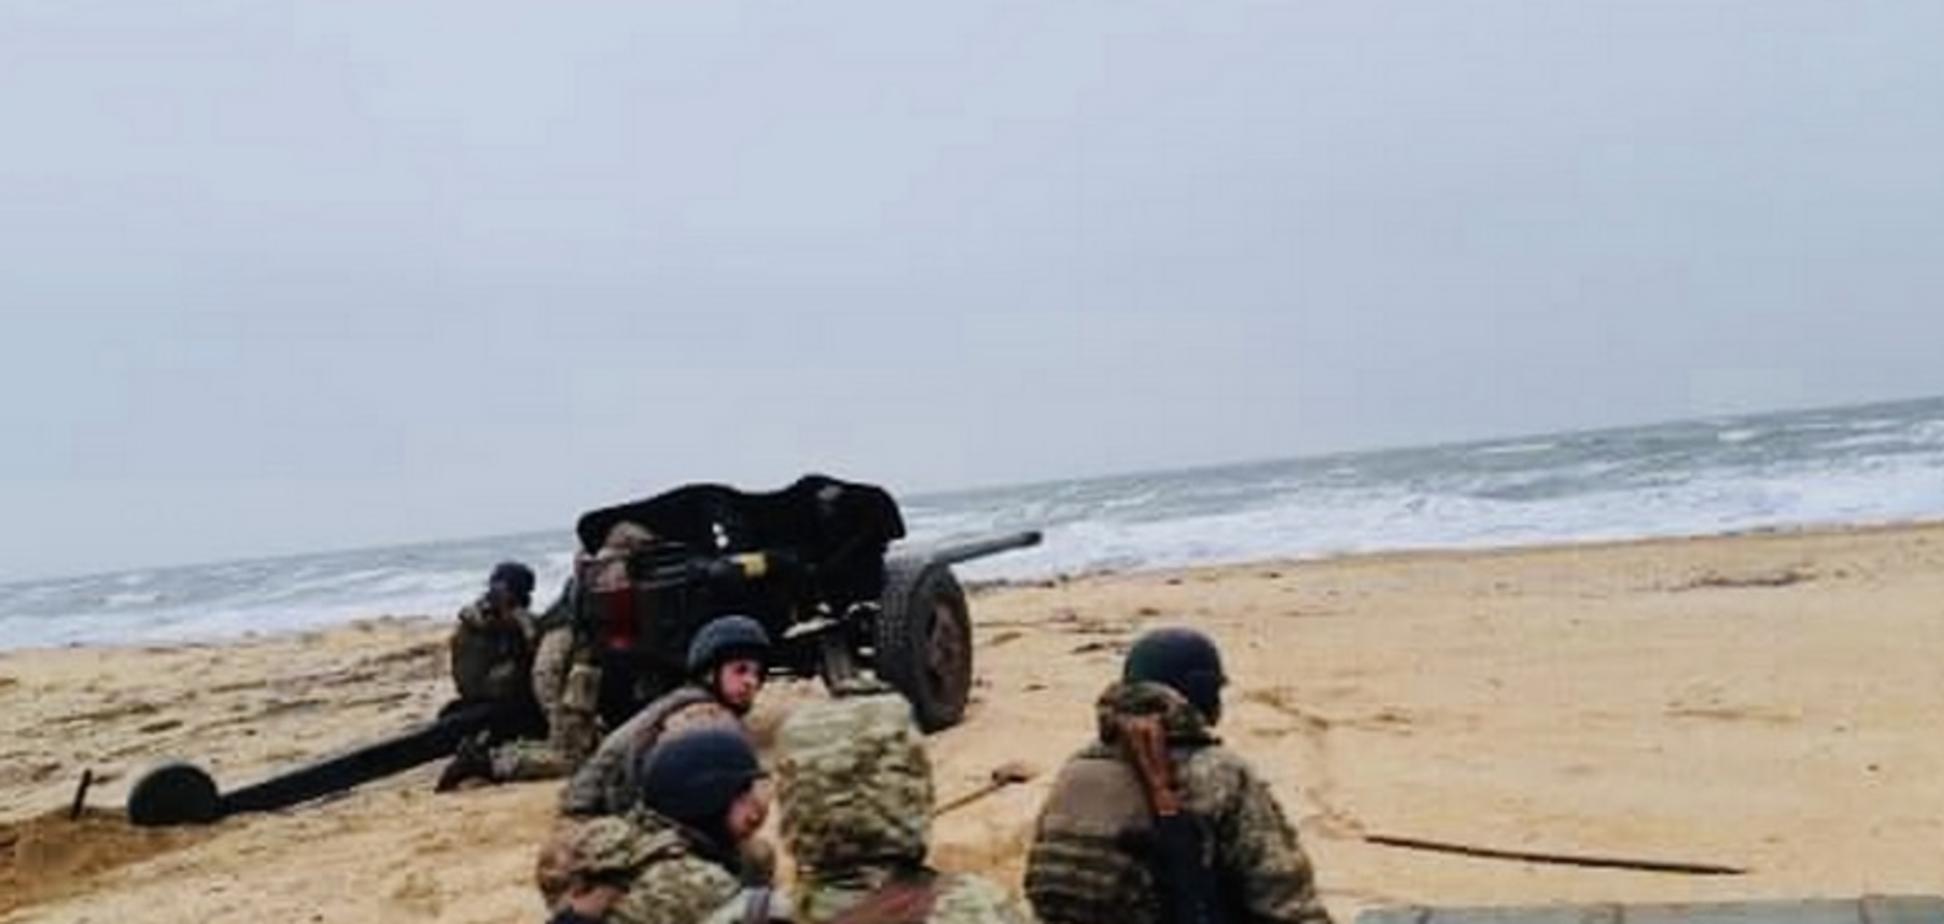 Ворог не пройде: в Україні почалися масштабні навчання морської піхоти